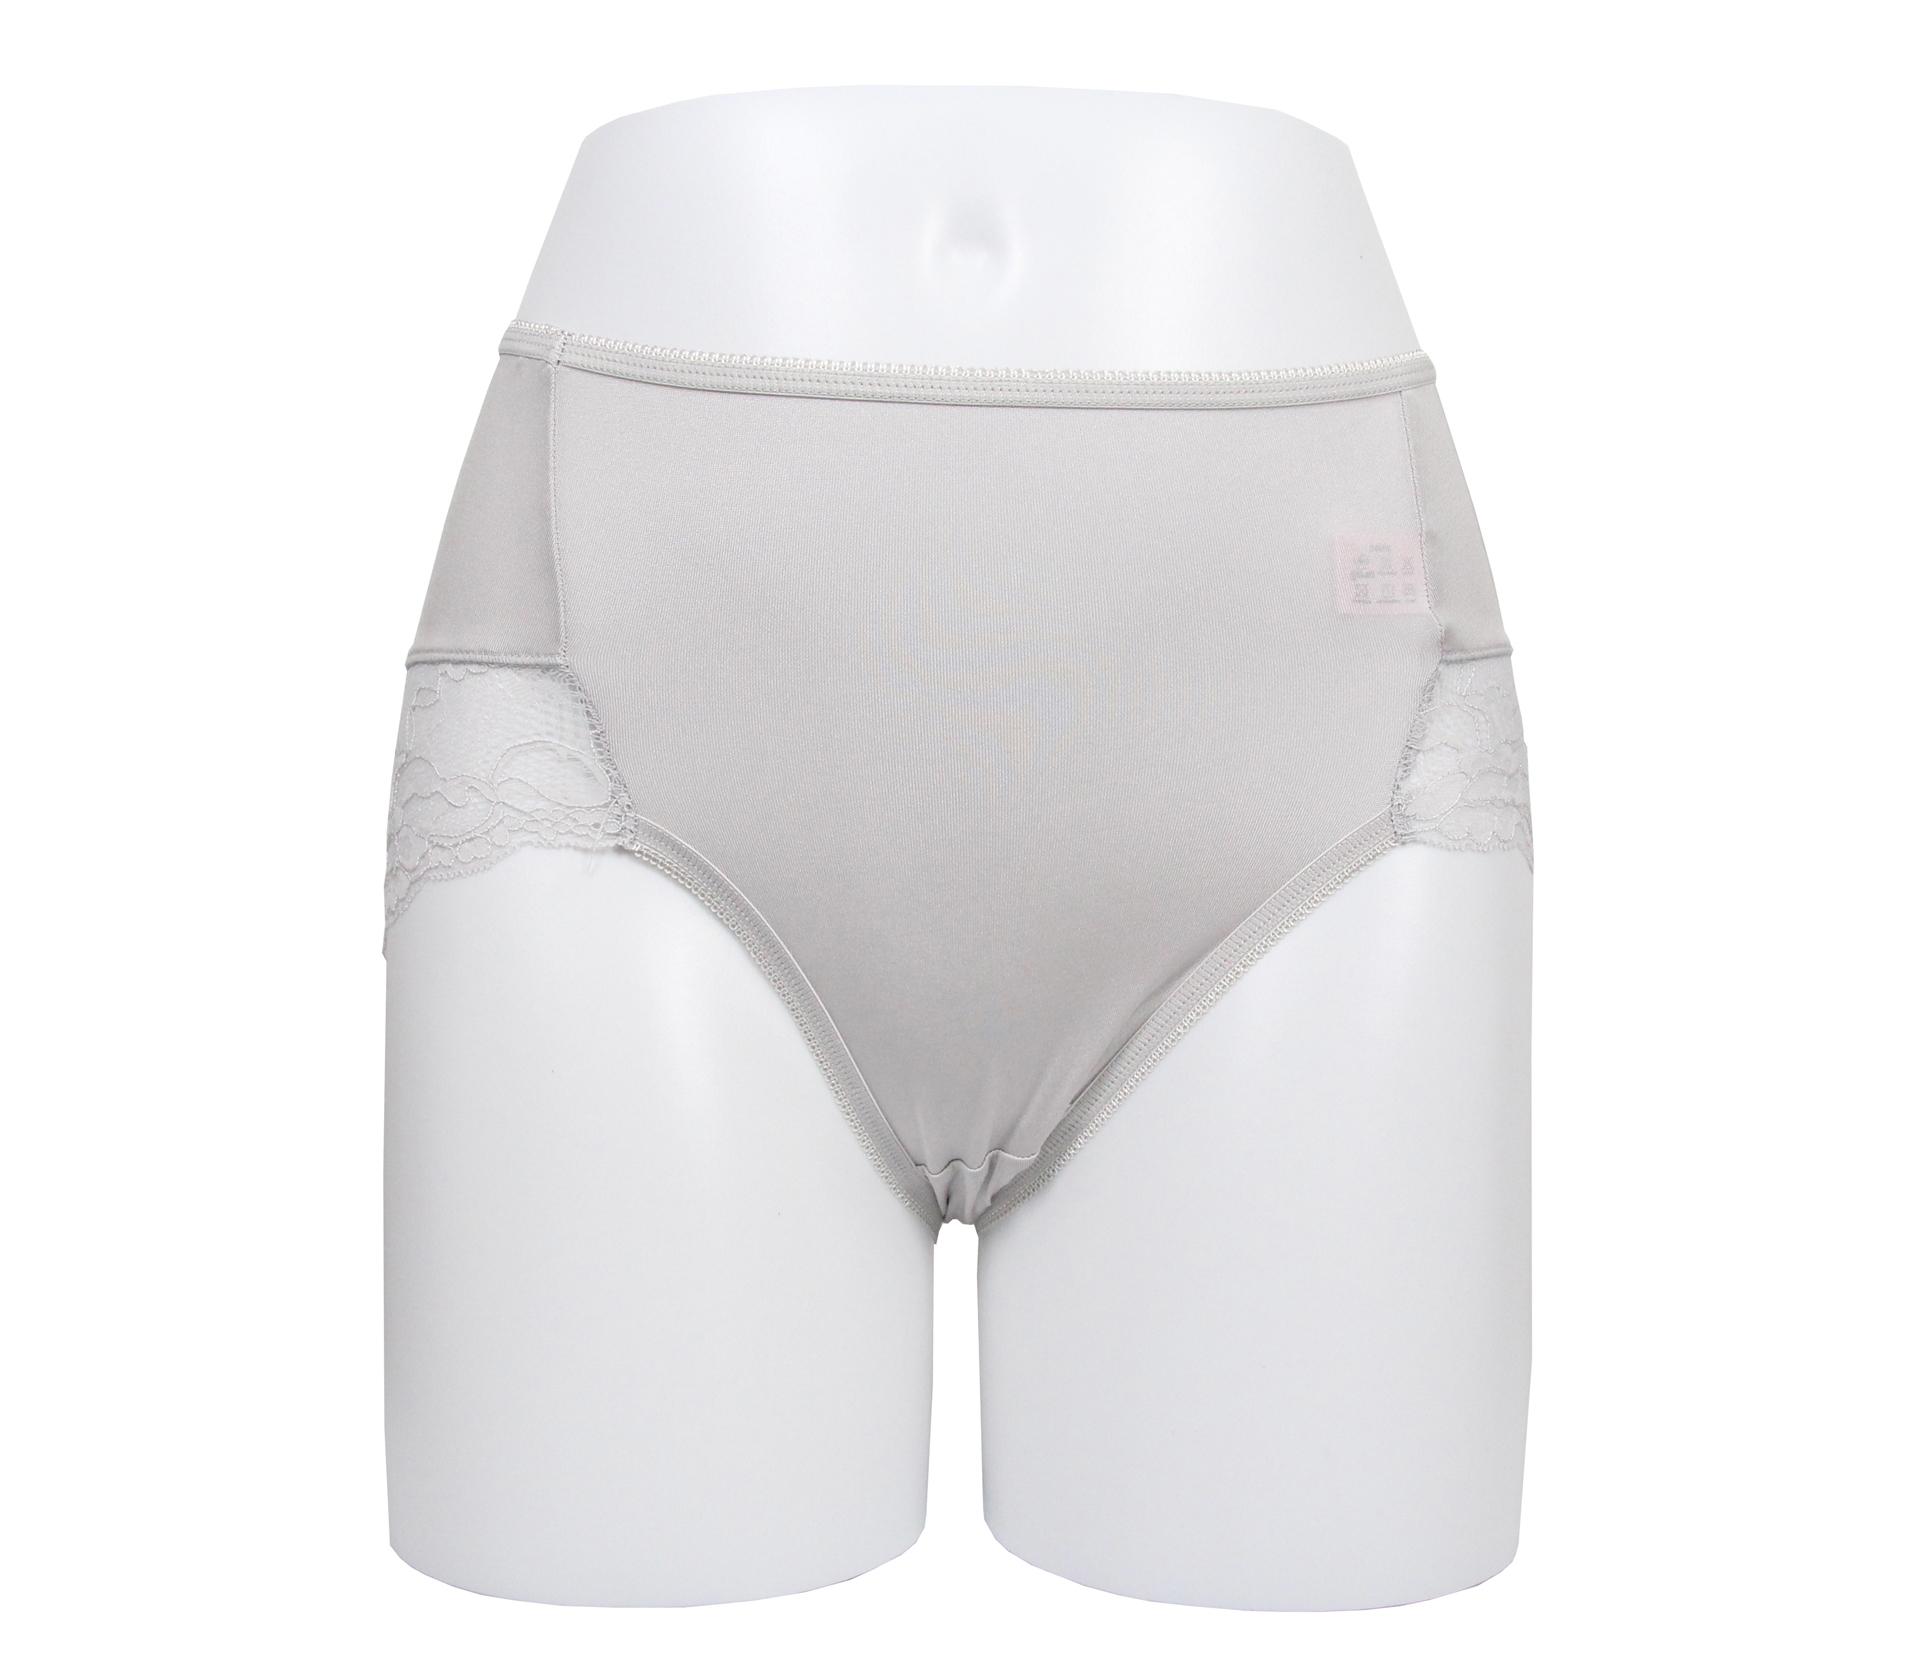 闕蘭絹典雅蕾絲100%蠶絲內褲 - 88910 (灰)